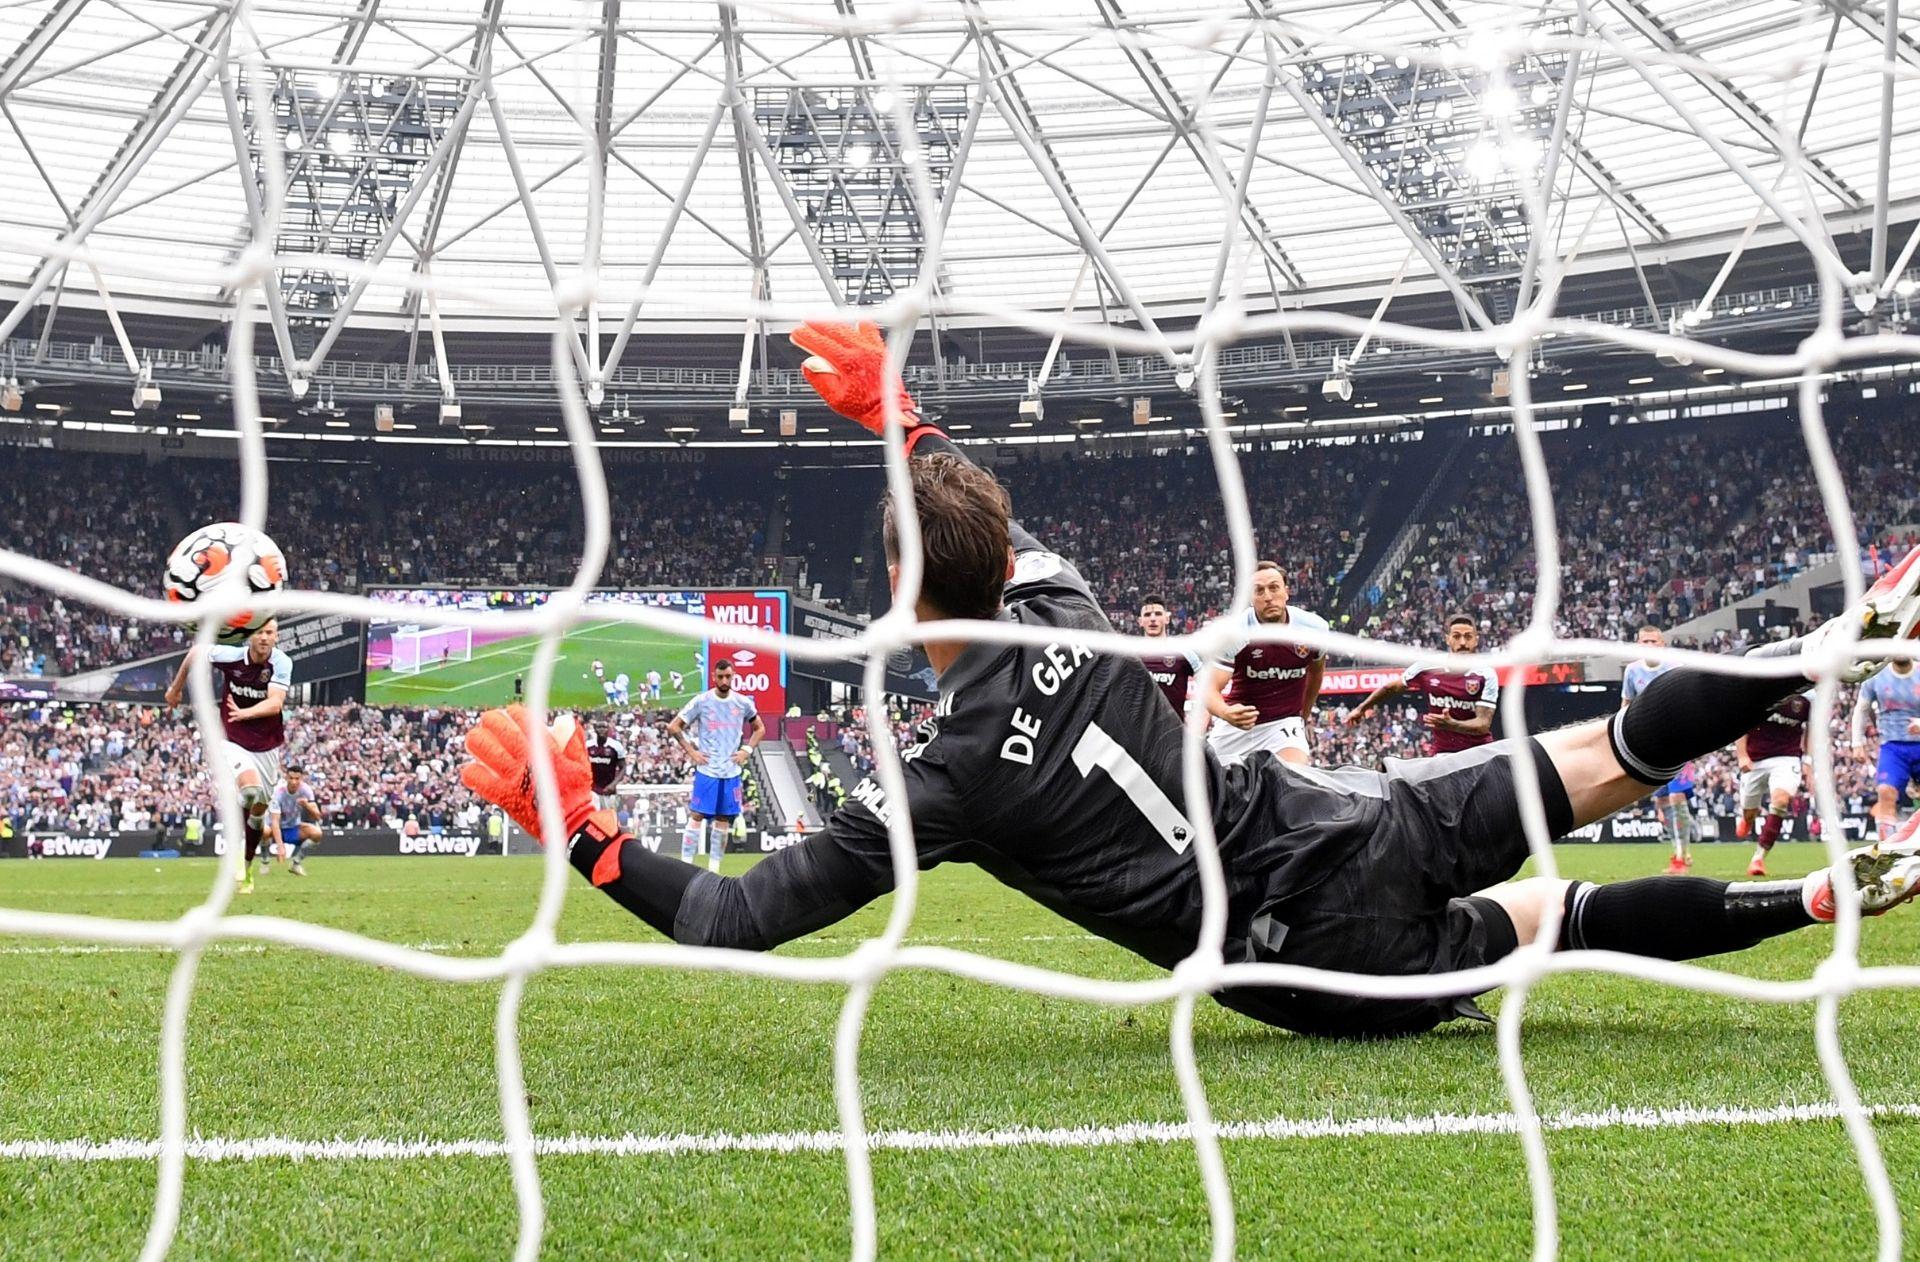 David De Gea - West Ham vs Man United - Premier League